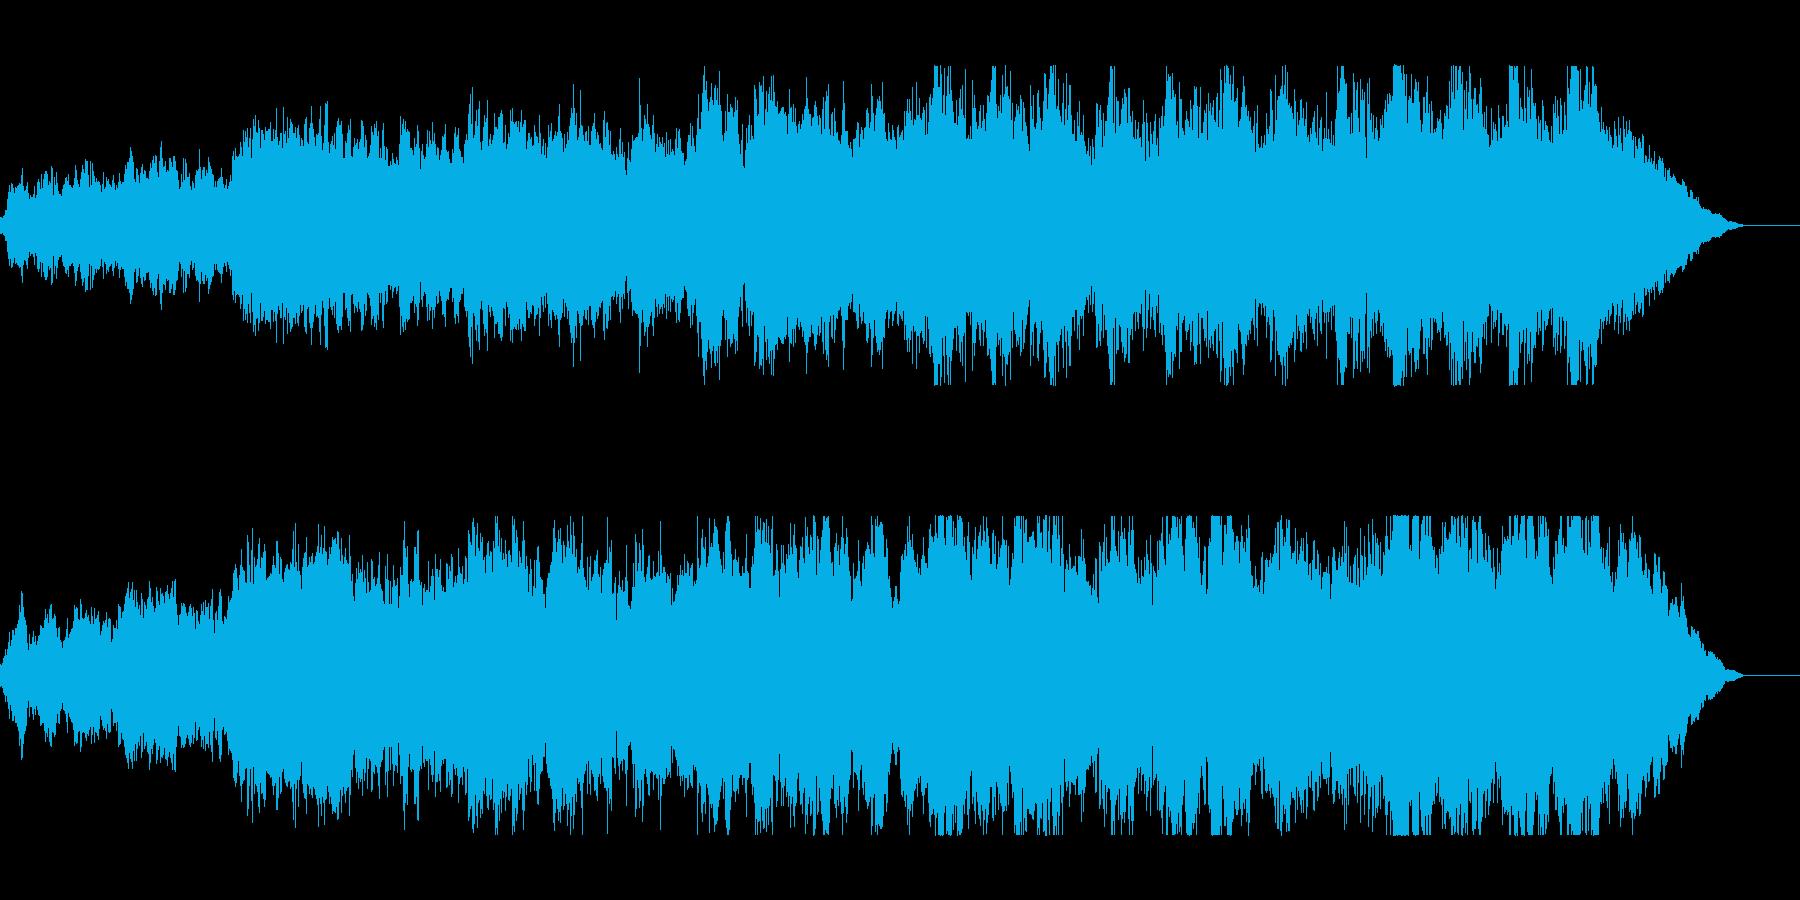 広がりのある壮大なオーケストラの曲の再生済みの波形